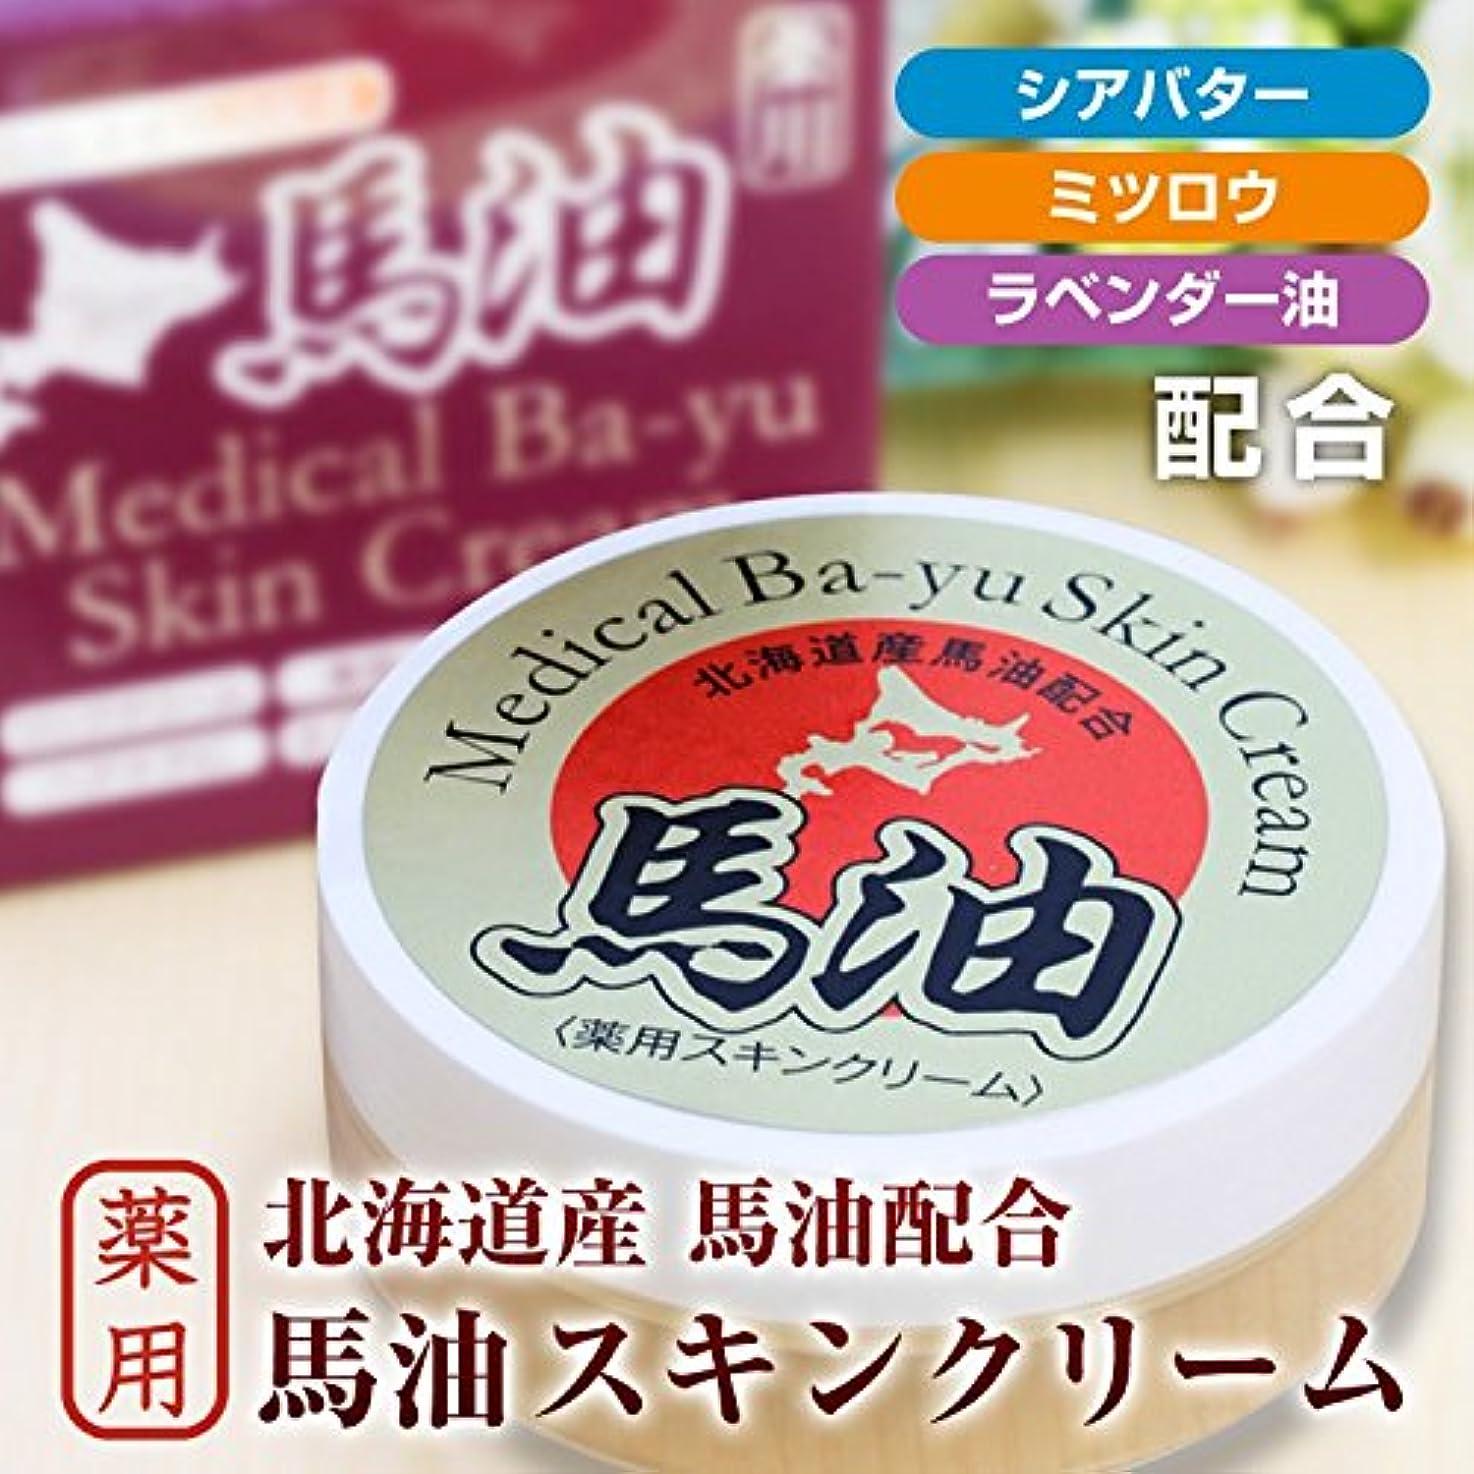 遠い羊の排泄する北海道産馬油配合 薬用馬油スキンクリーム(20g)/医薬部外品 国産馬油//